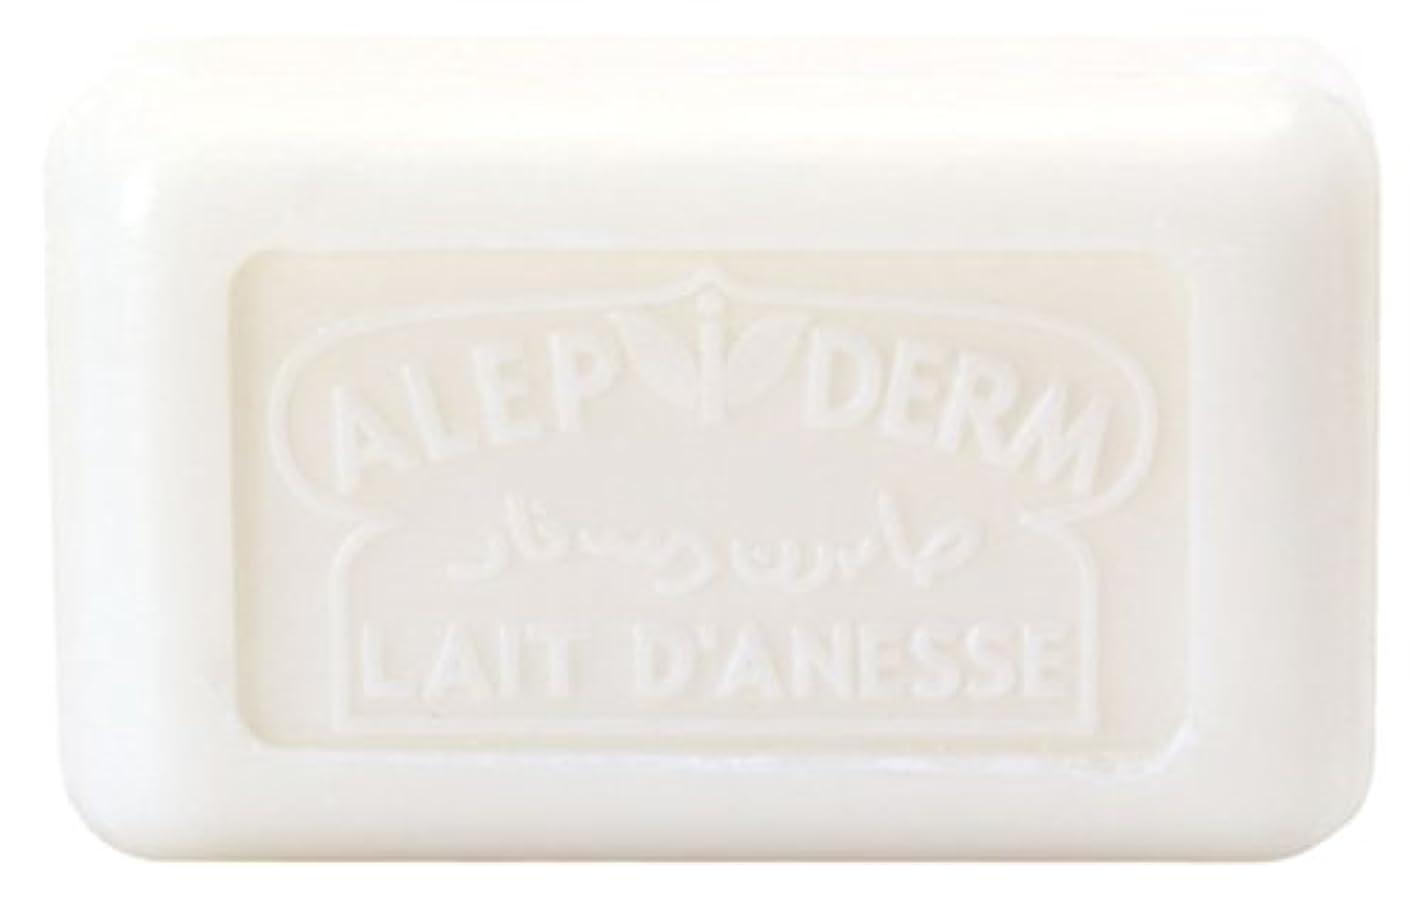 出くわす子供っぽいパスタノルコーポレーション プロヴァンス アレピダーム 洗顔石鹸 ロバミルク アルガンオイル シアバター配合 OB-PVP-4-1